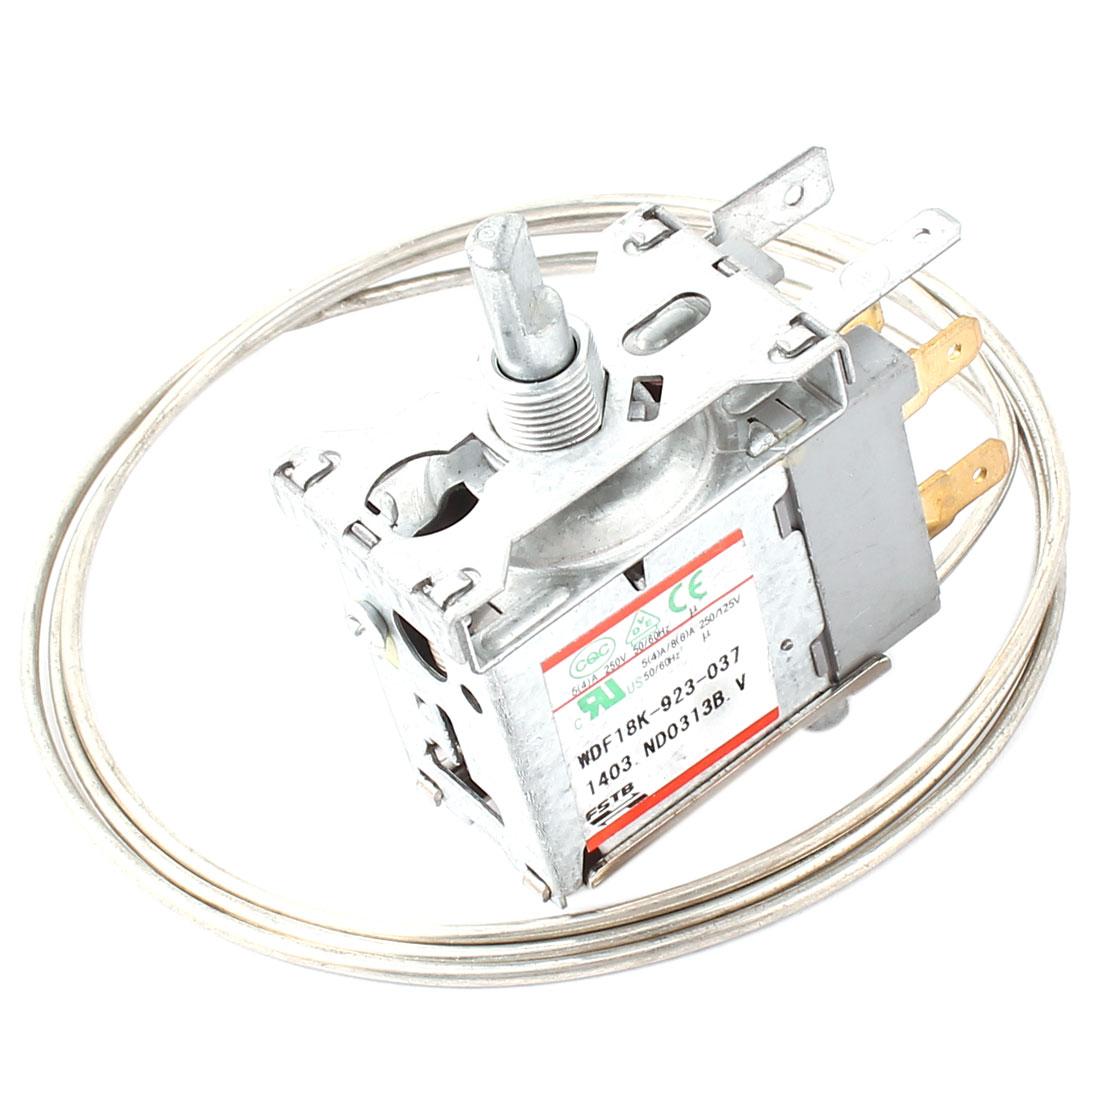 5 to 15 Celsius Degree 3 Pins Freezer Refrigerator Temperature Controller AC 250V /125V